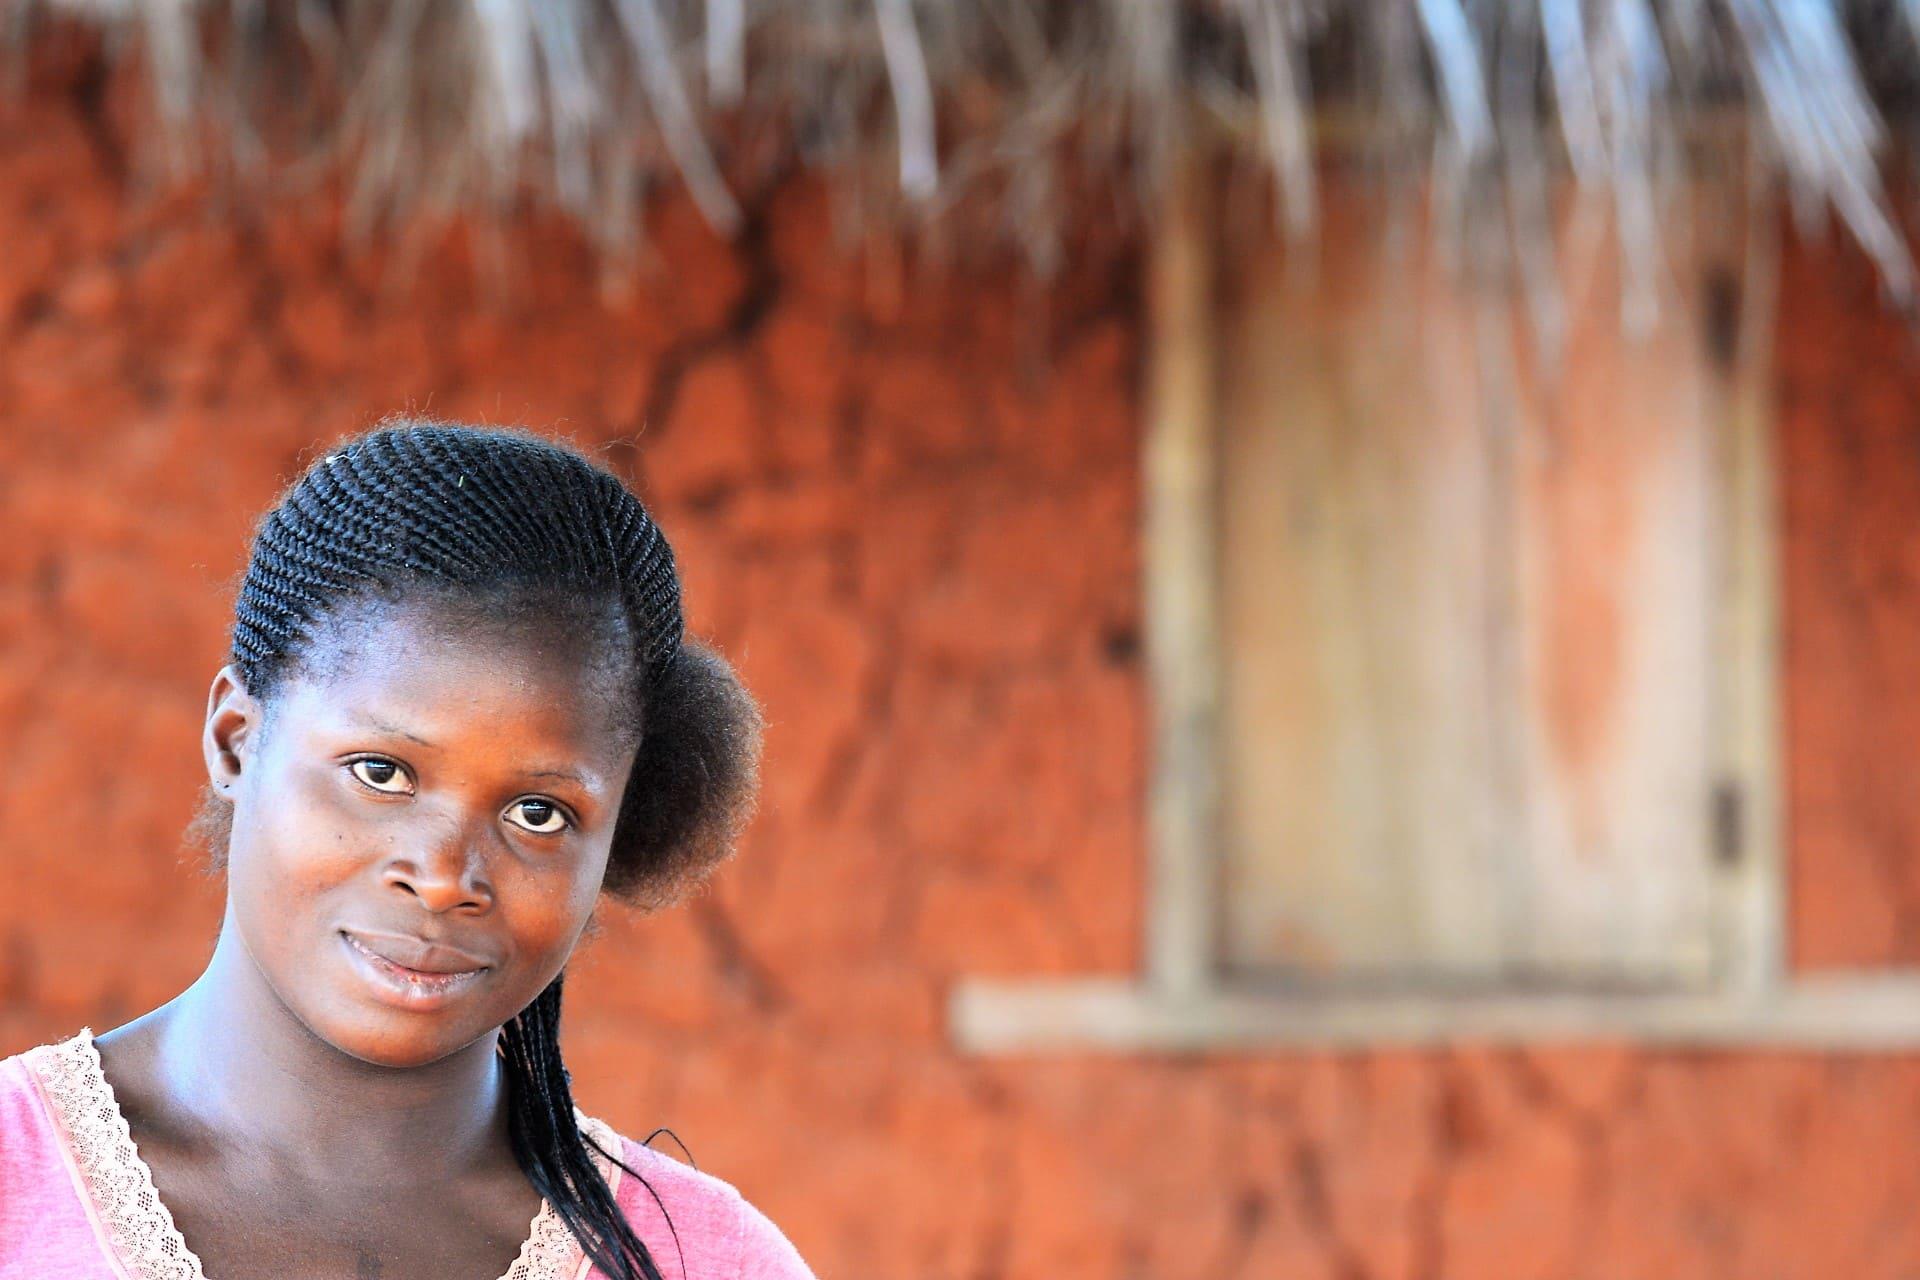 Danyi Hi Heatro: Il progetto di sostegno scolastico in un villaggio africano